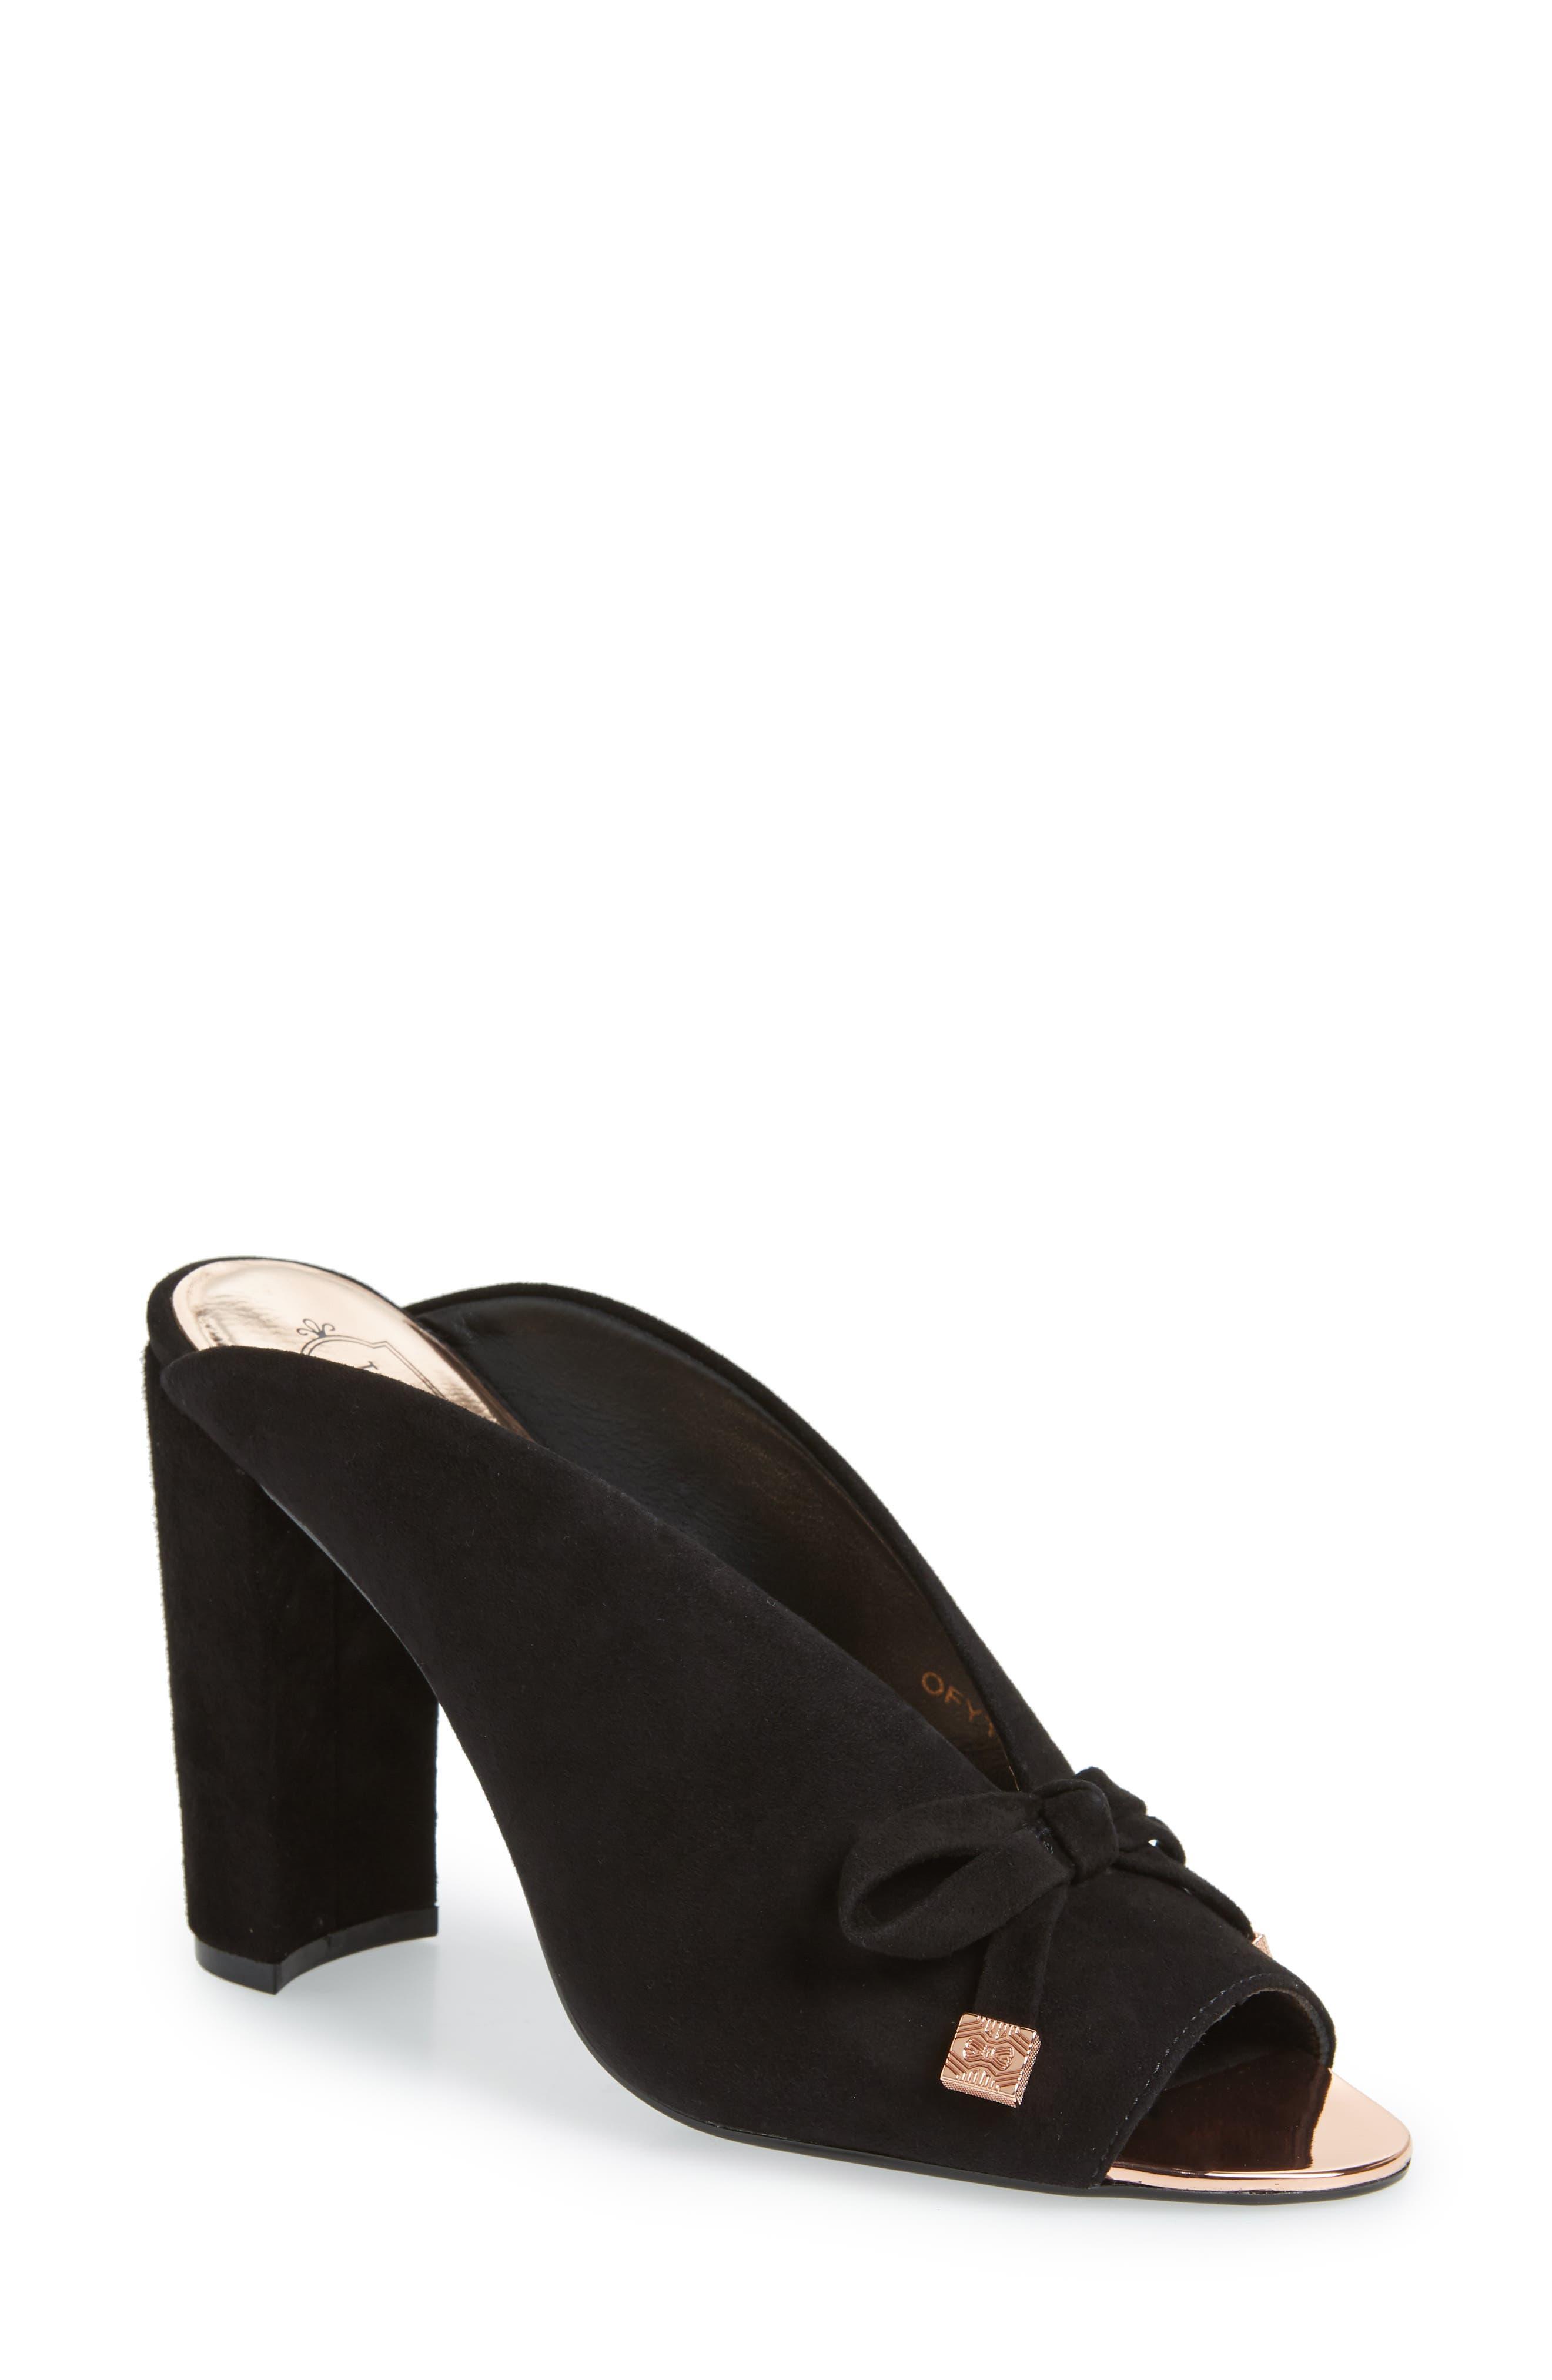 Ted Baker London Marinax Slide Sandal, Black